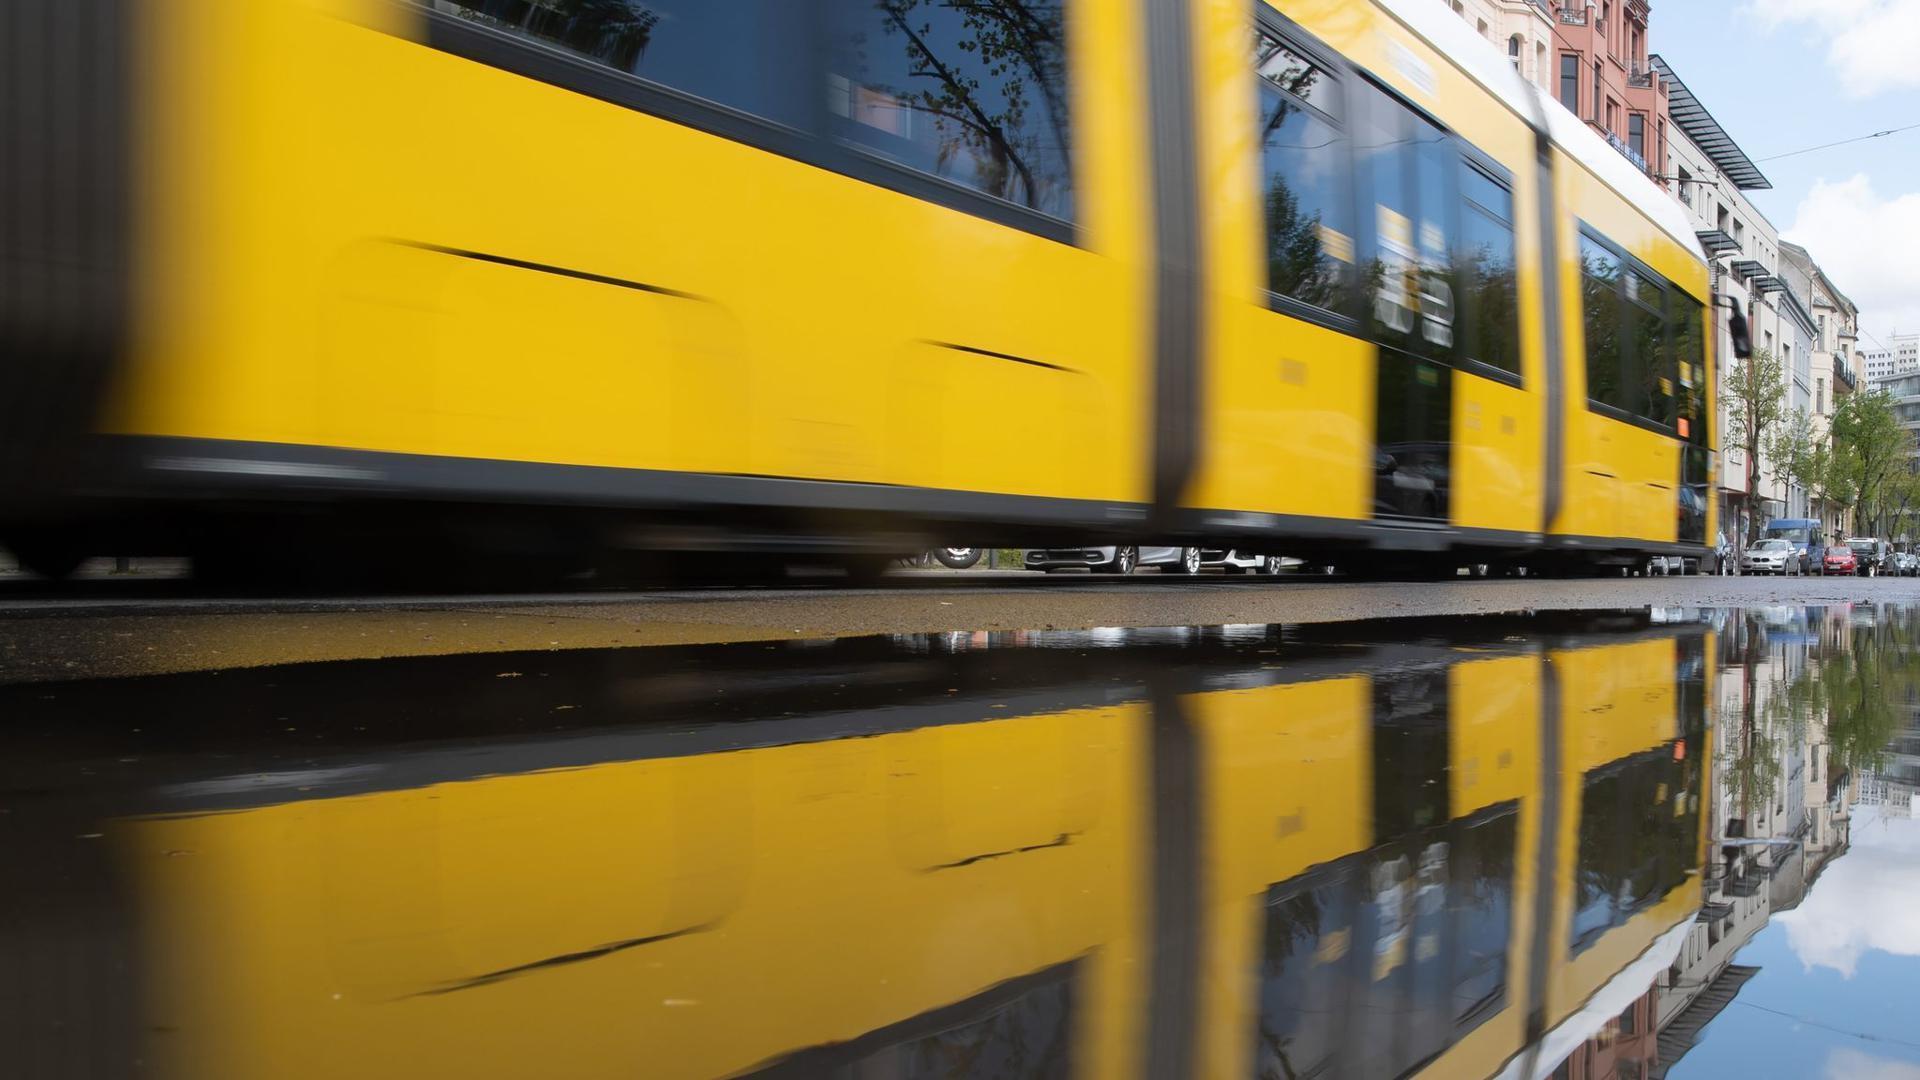 Der Verband Deutscher Verkehrsunternehmen warnt vor einer Kürzung von Leistungen im Nahverkehr, wenn es keine weiteren staatlichen Hilfen gibt.